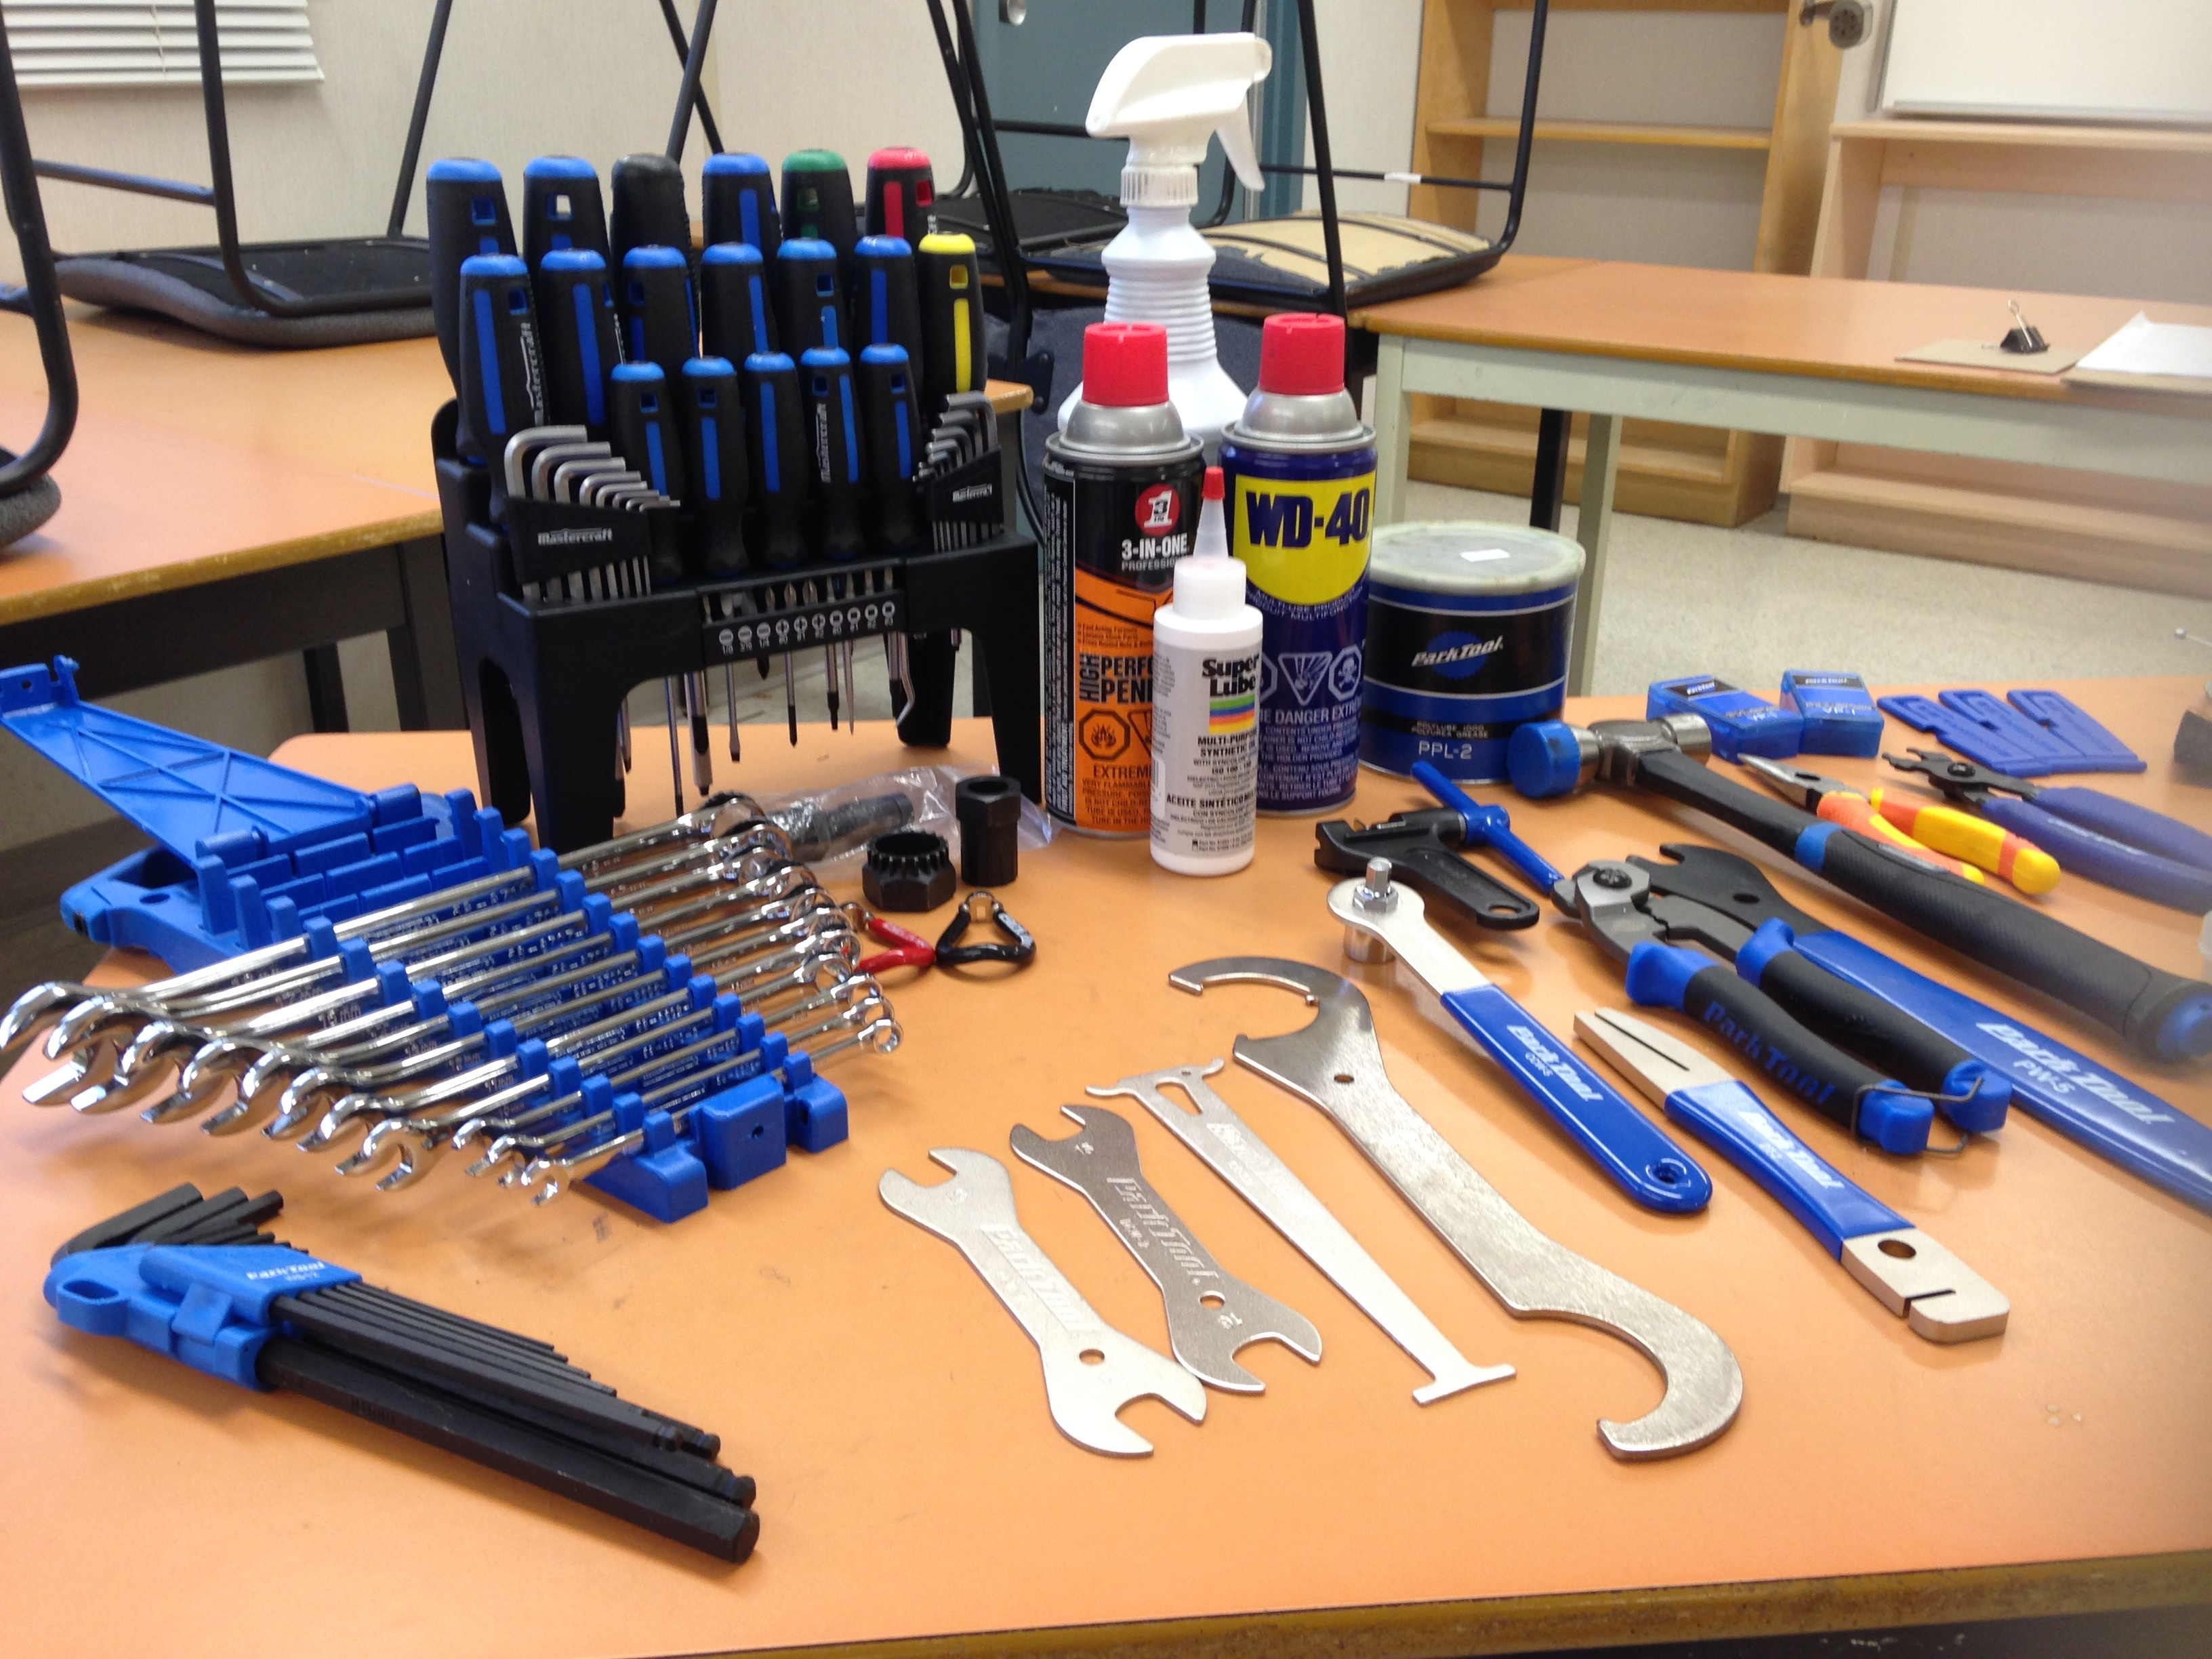 Closeup of bicycle repair tools often used.